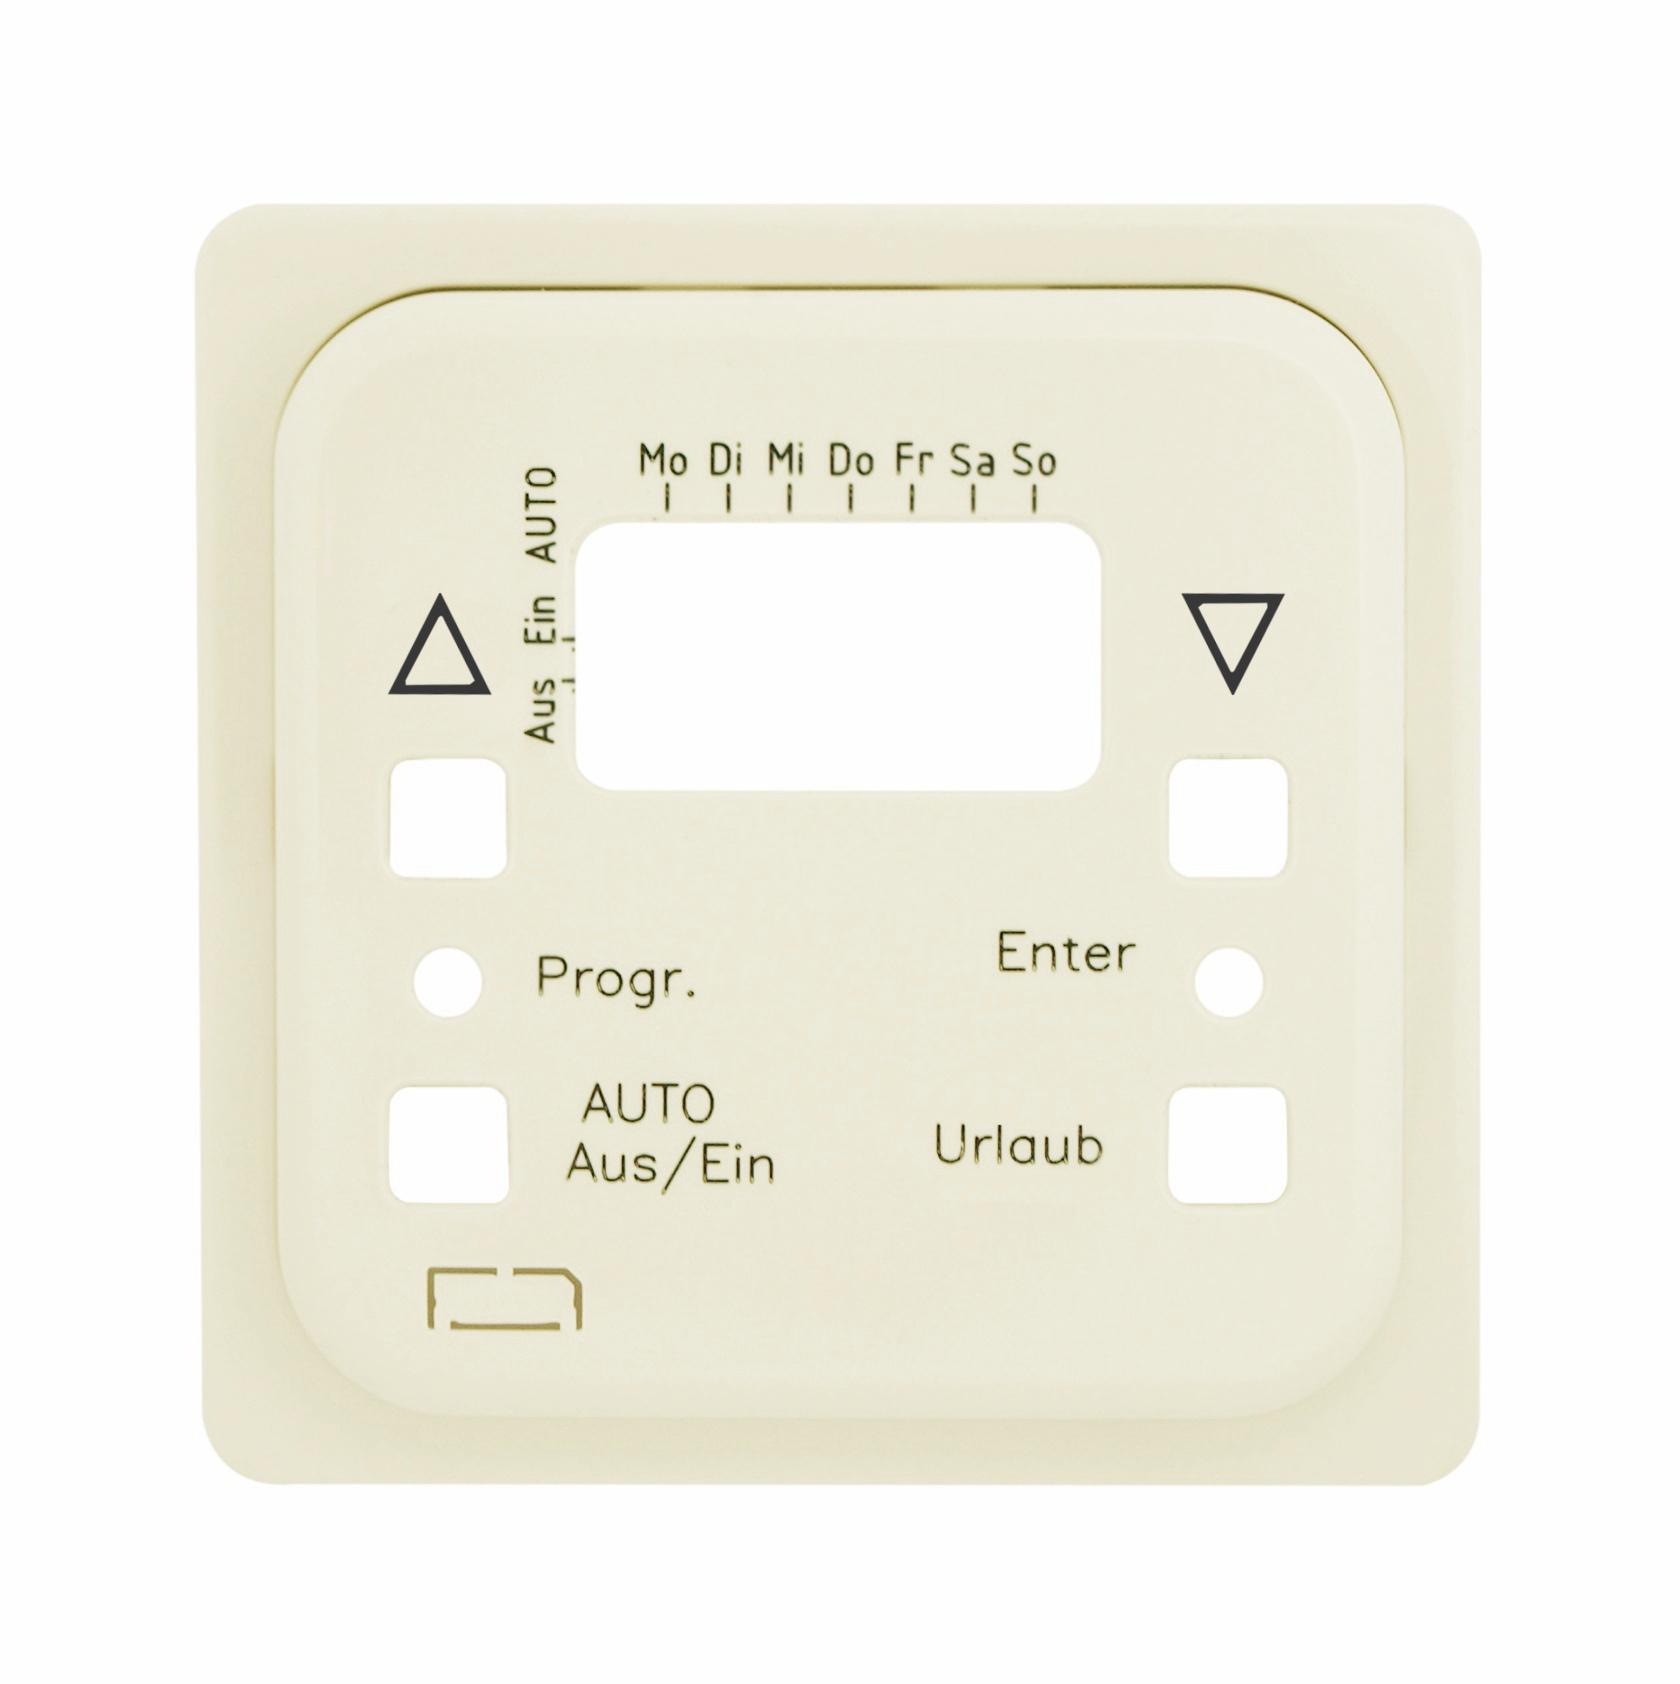 1 Stk Zentralplatte für Astro-Uhr mit Sensor perlweiss F/S/R EL207180--